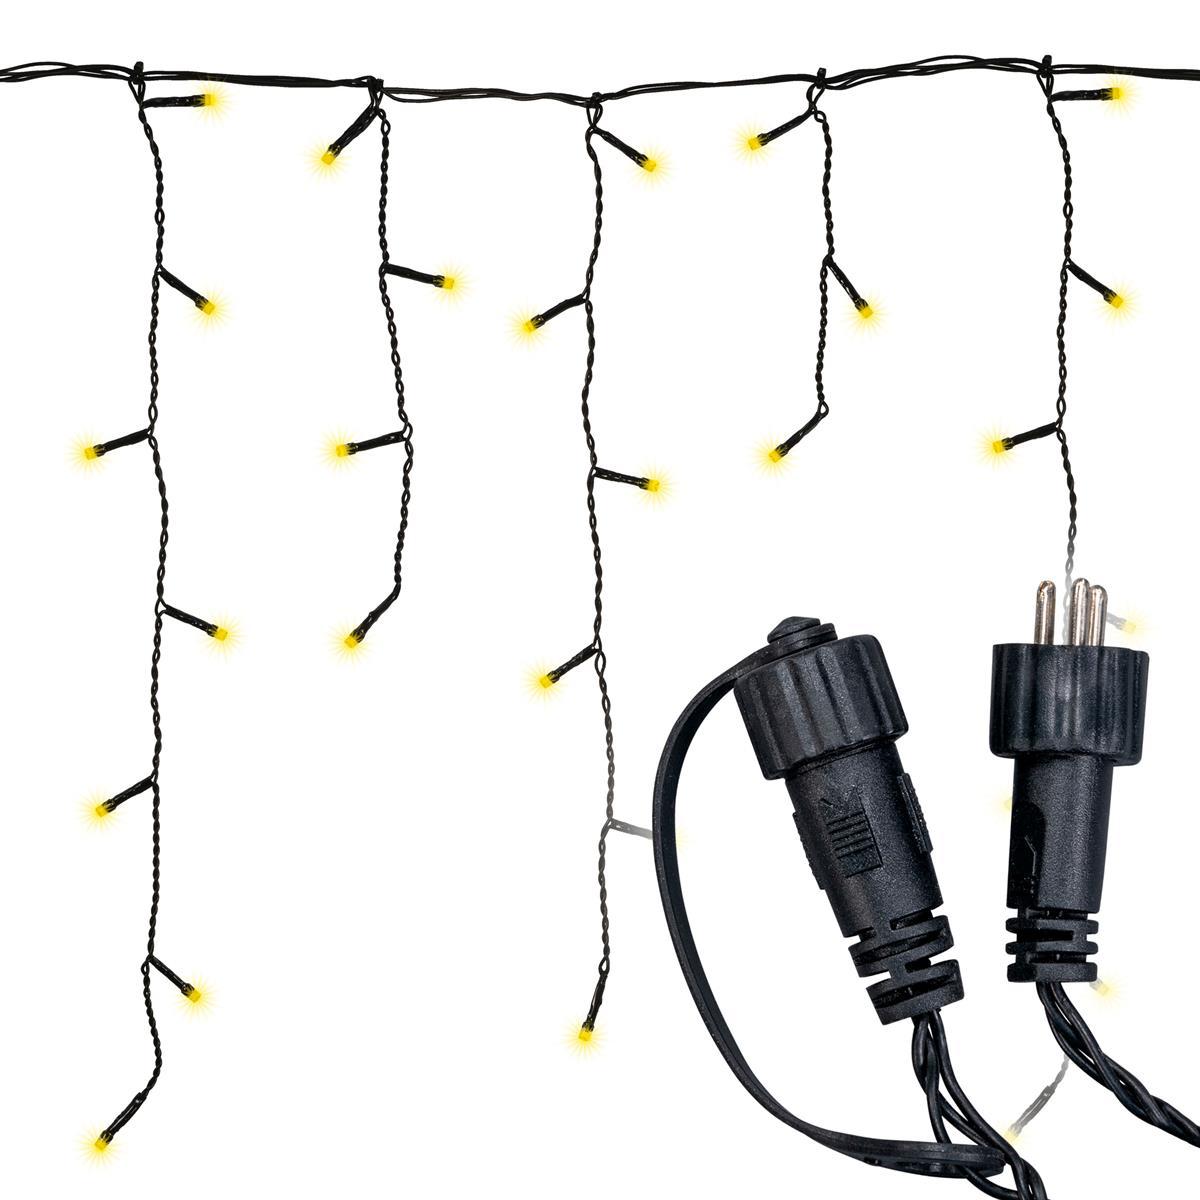 diLED 180er LED Lichterregen warmweiß erweiterbar Lichterkette System LED XMAS